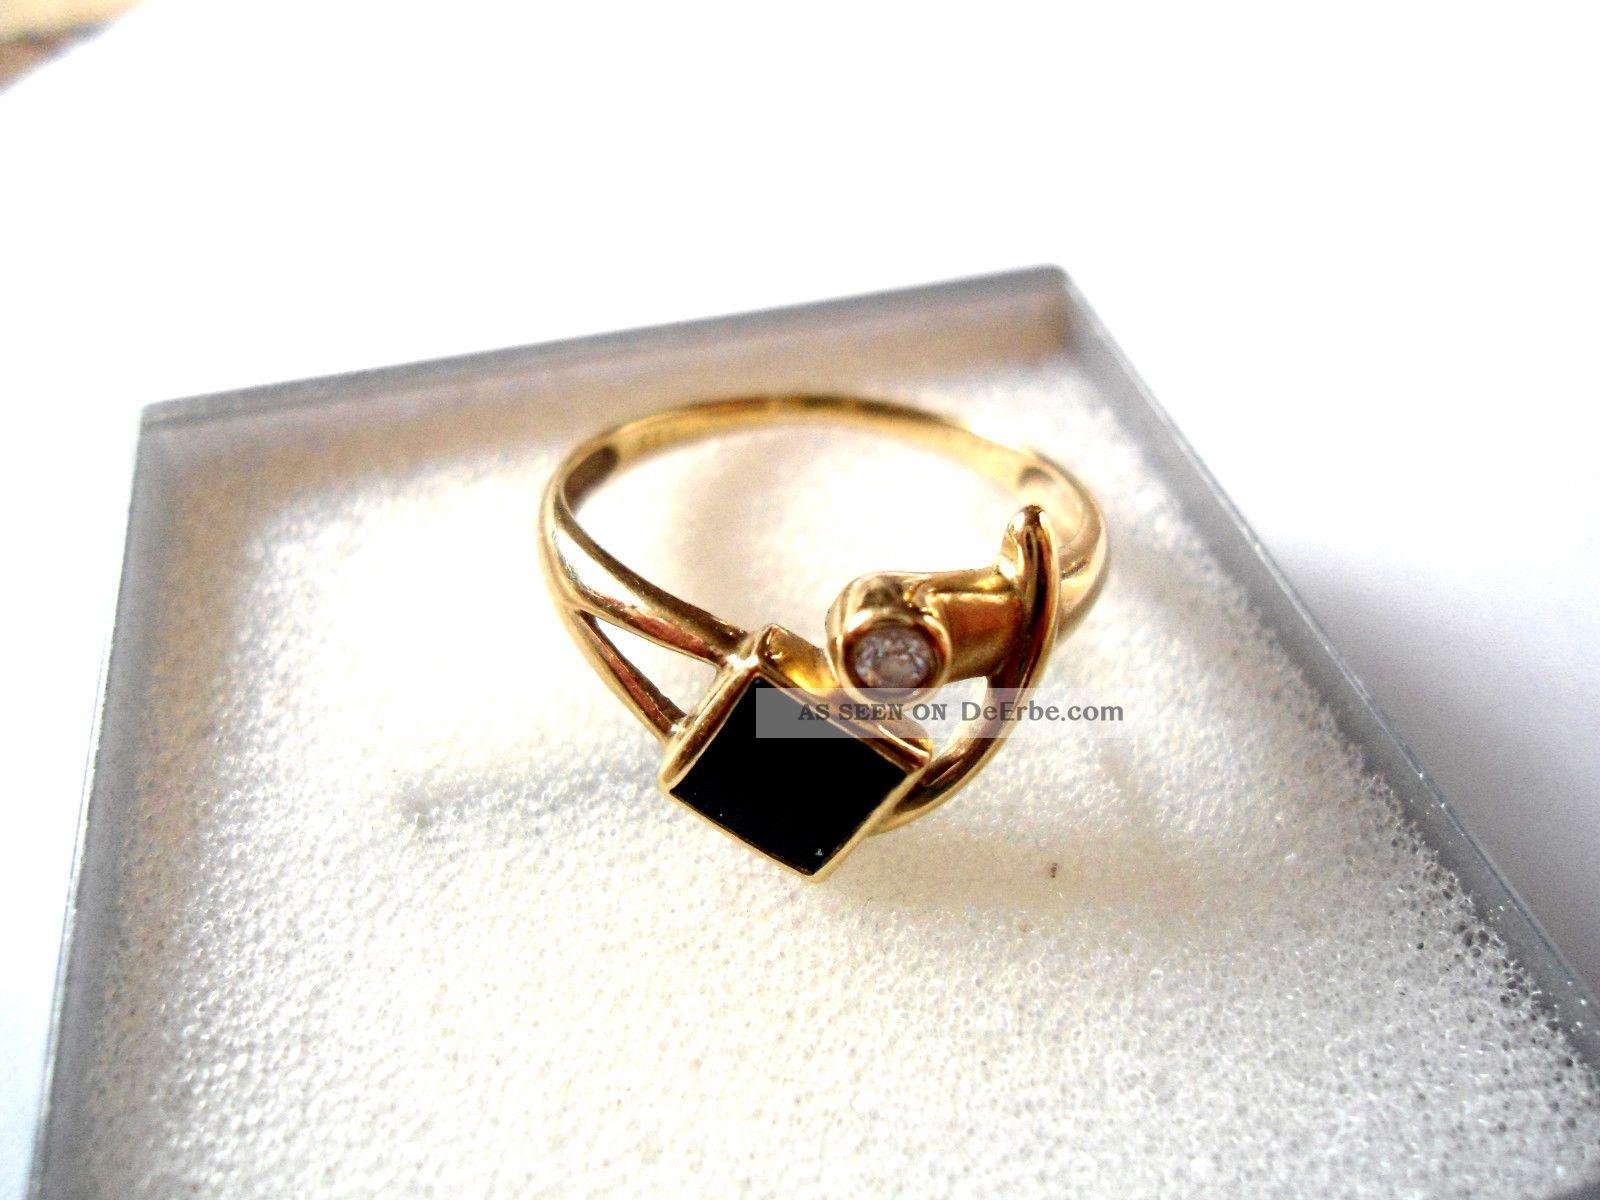 Goldring mit schwarzem stein  333er Gold Ring - Mit Schwarzen Stein Und 1 Diamanten - - Neuwertig -